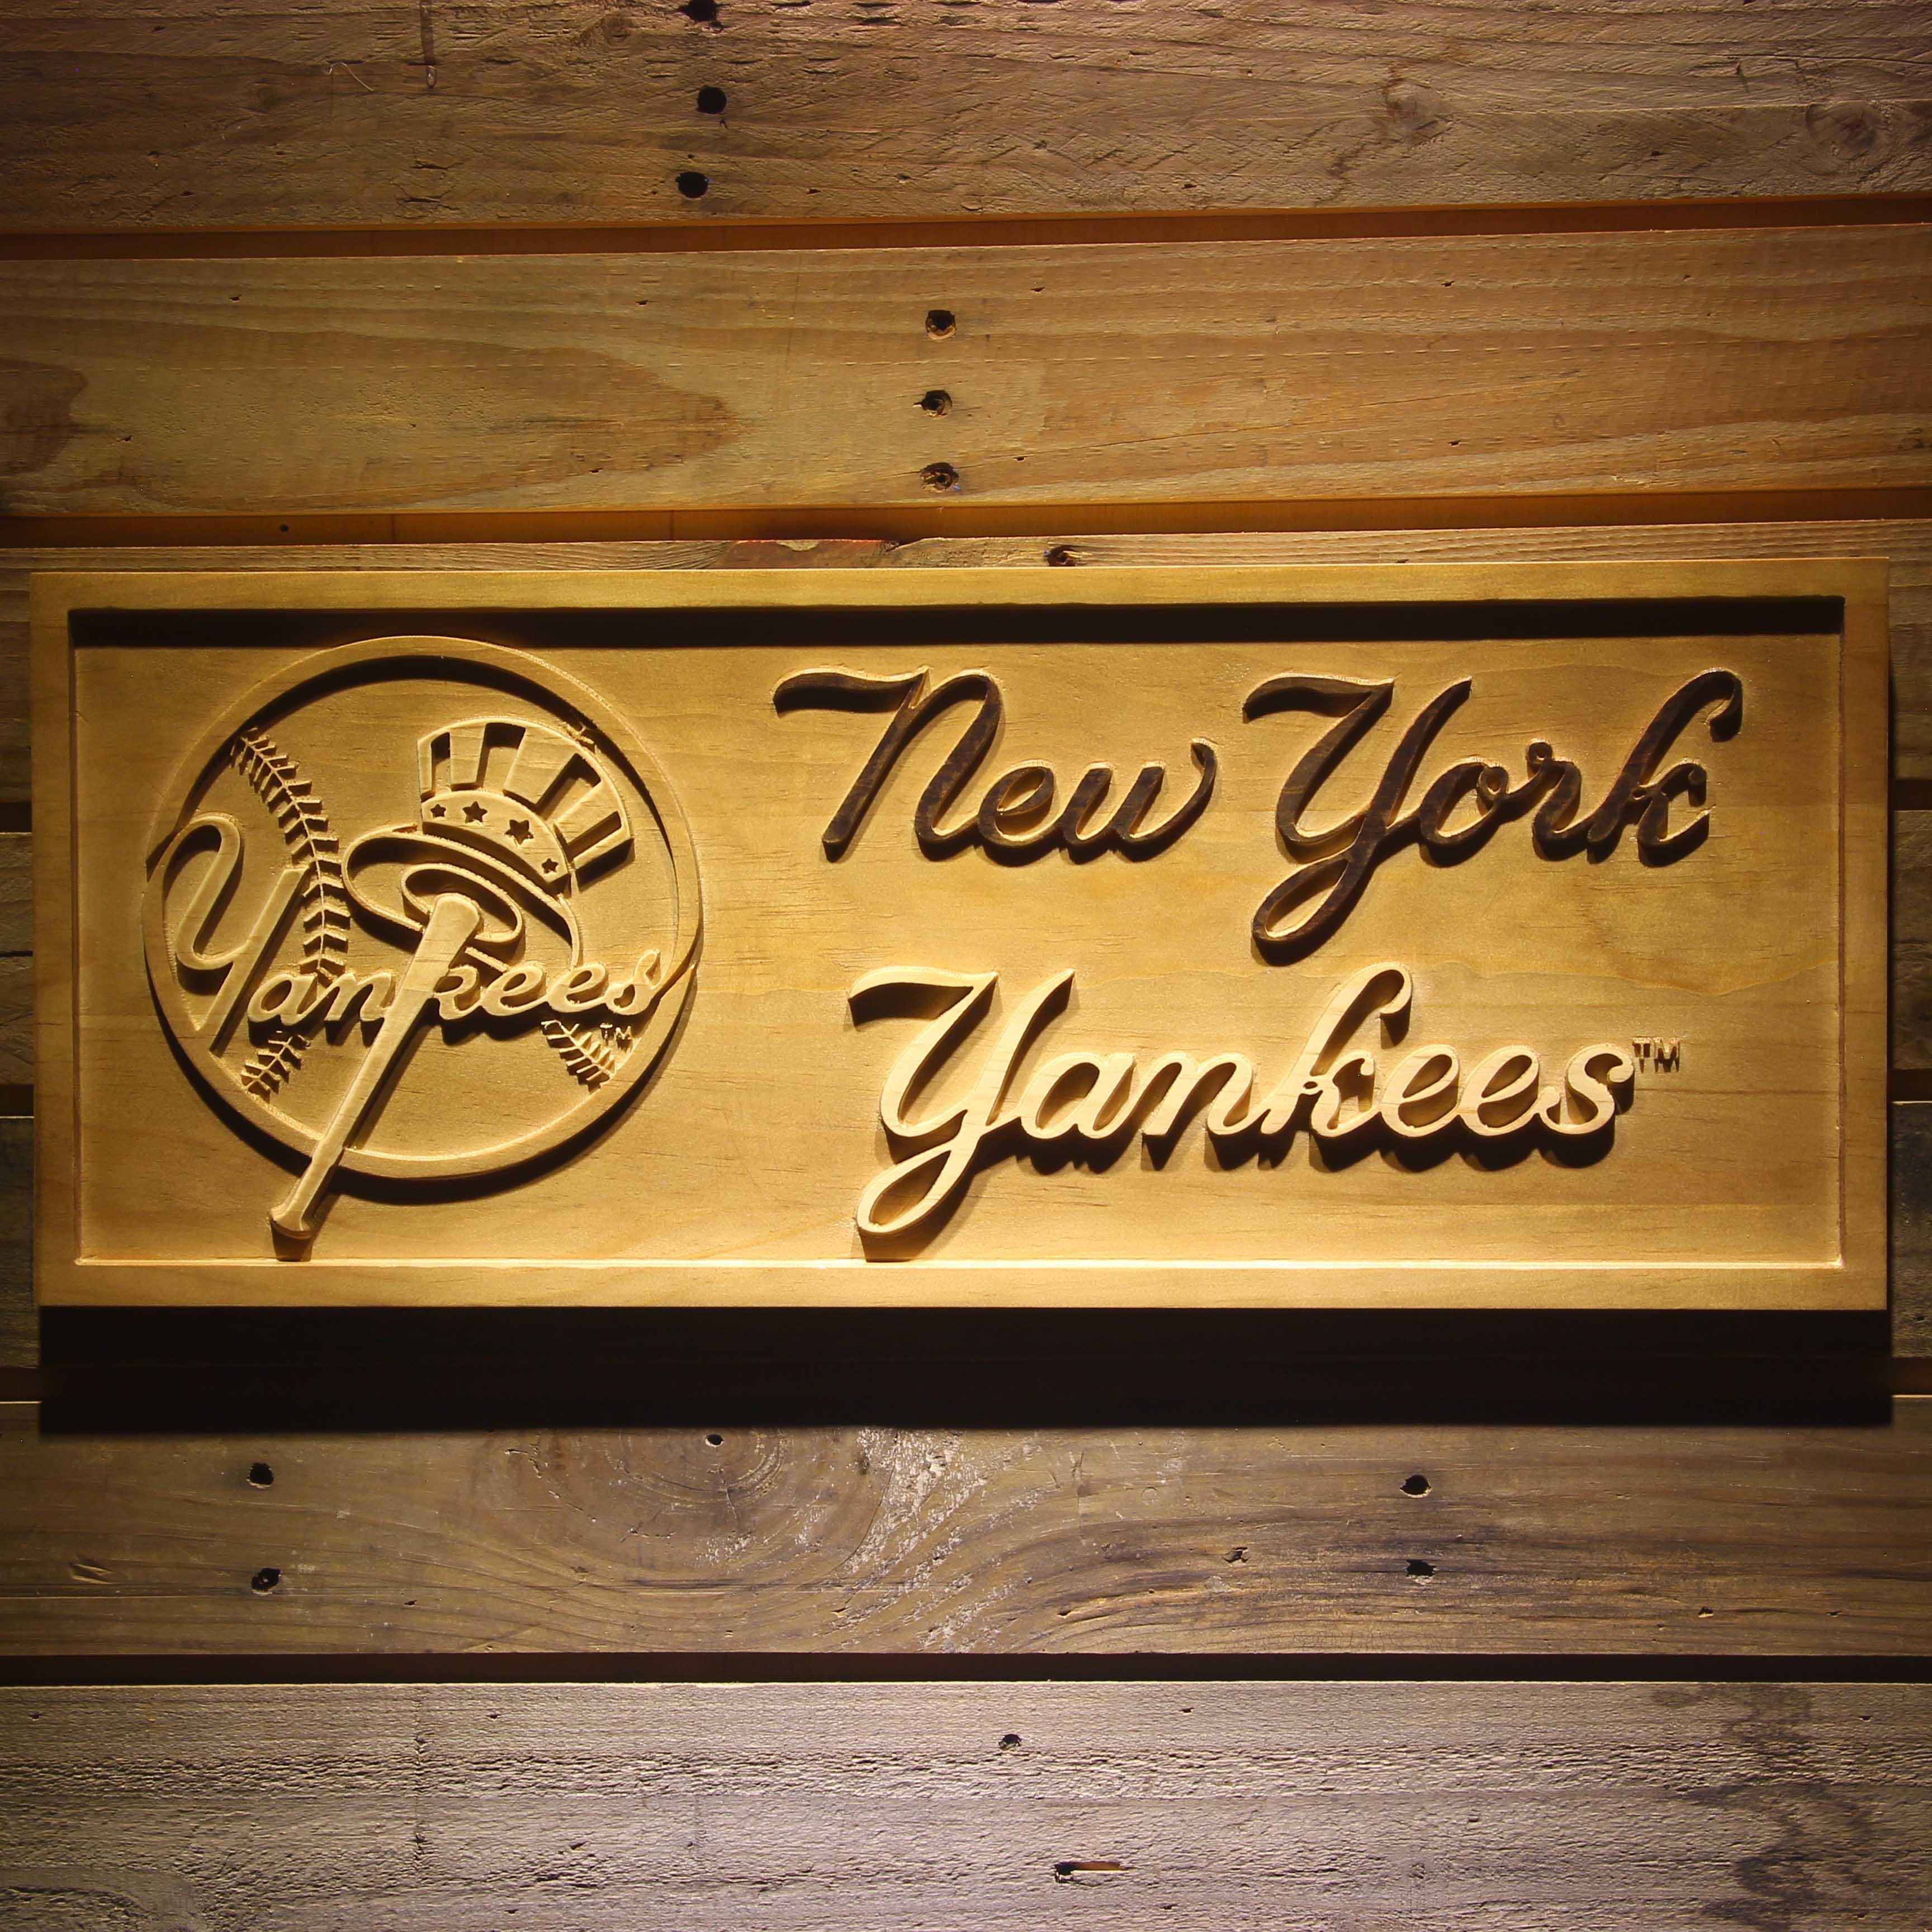 New York Yankees 3D Holz Zeichen in New York Yankees 3D Holz Zeichen ...